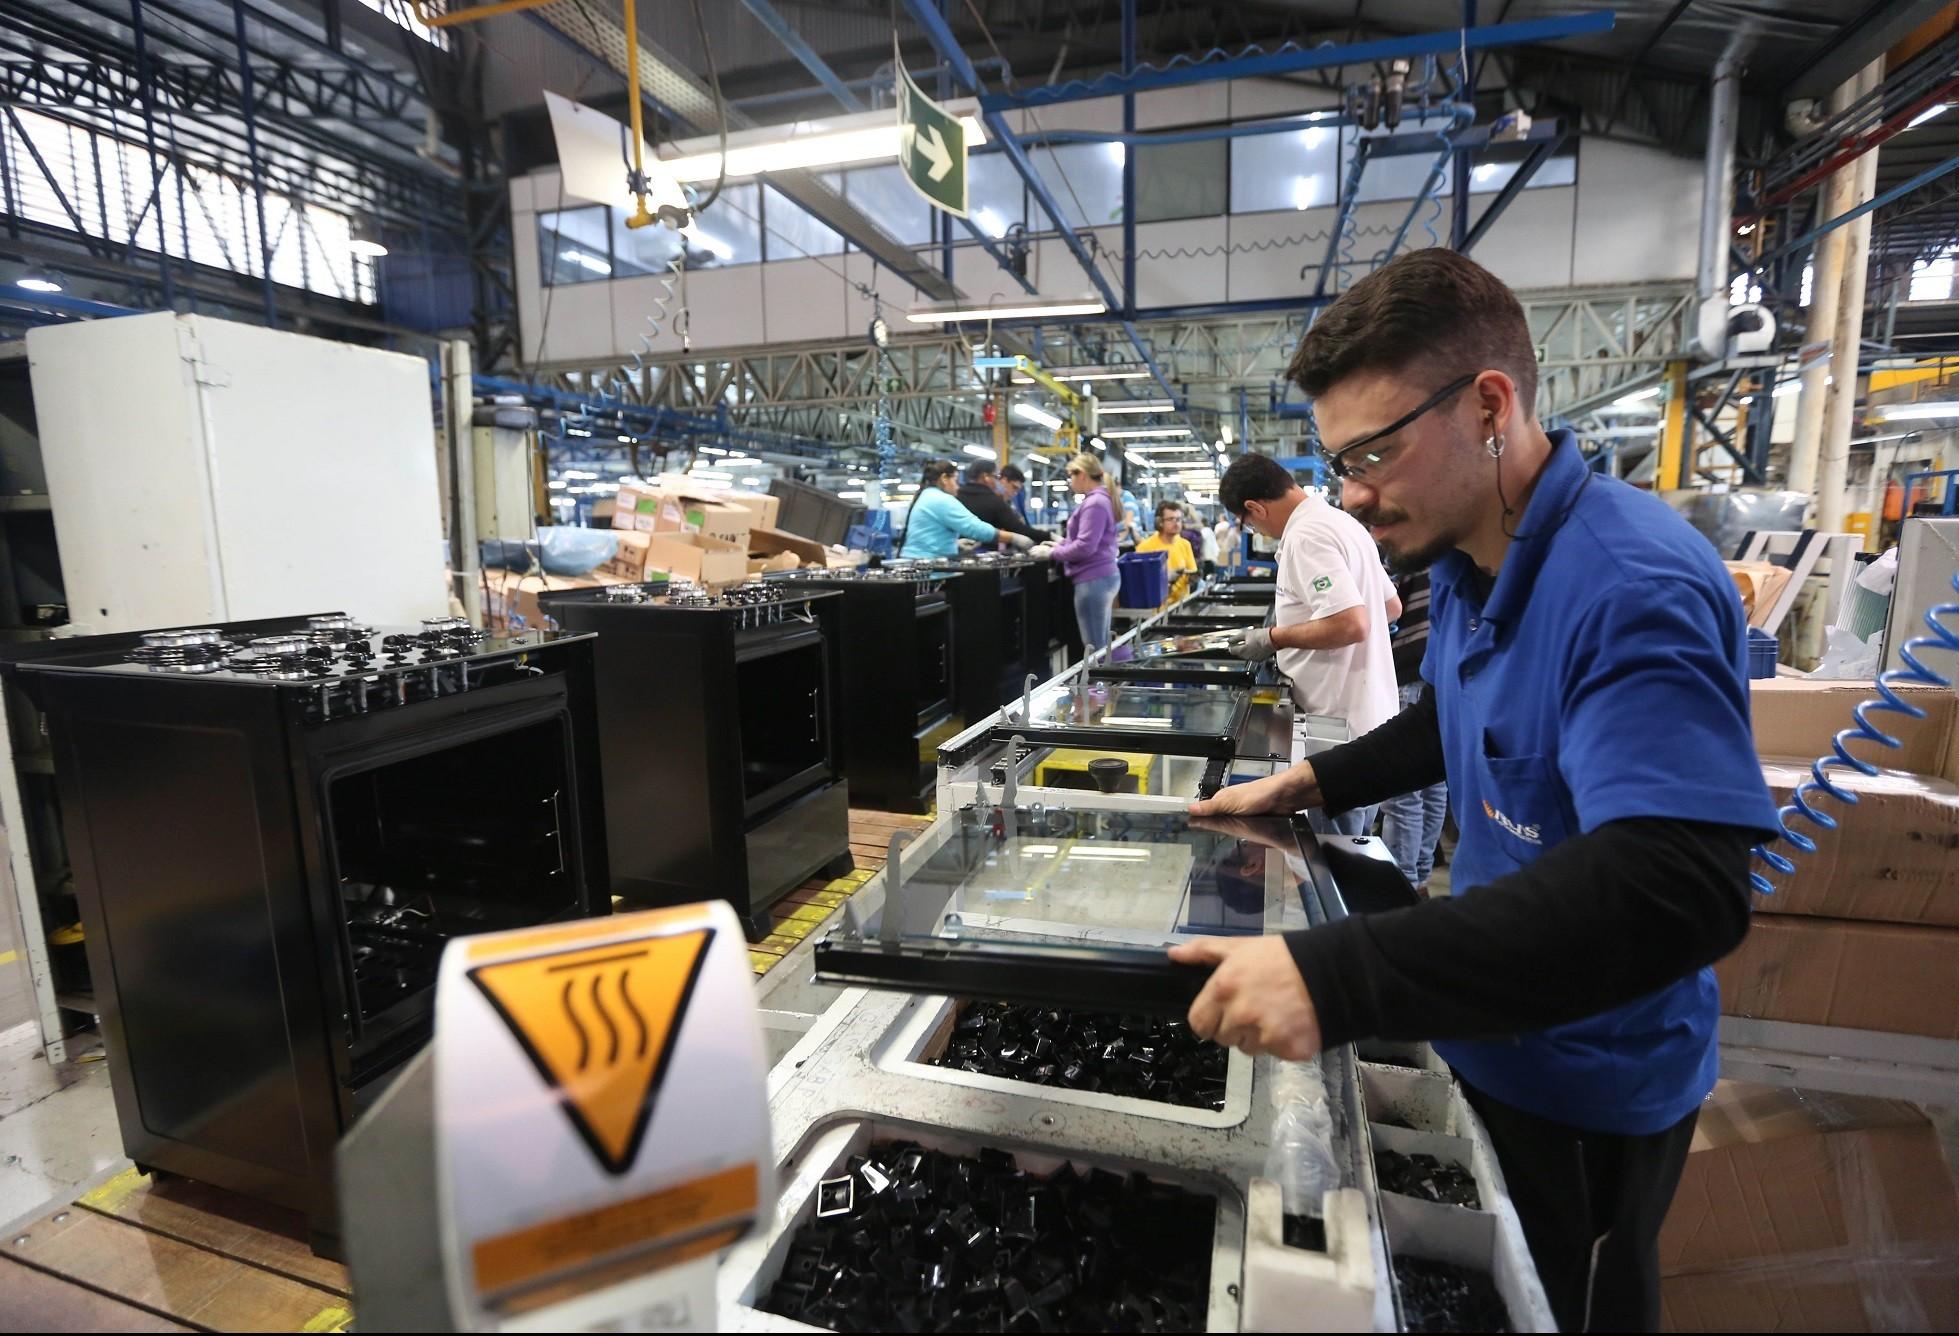 Falta de matéria-prima na indústria provoca atrasos nas entregas